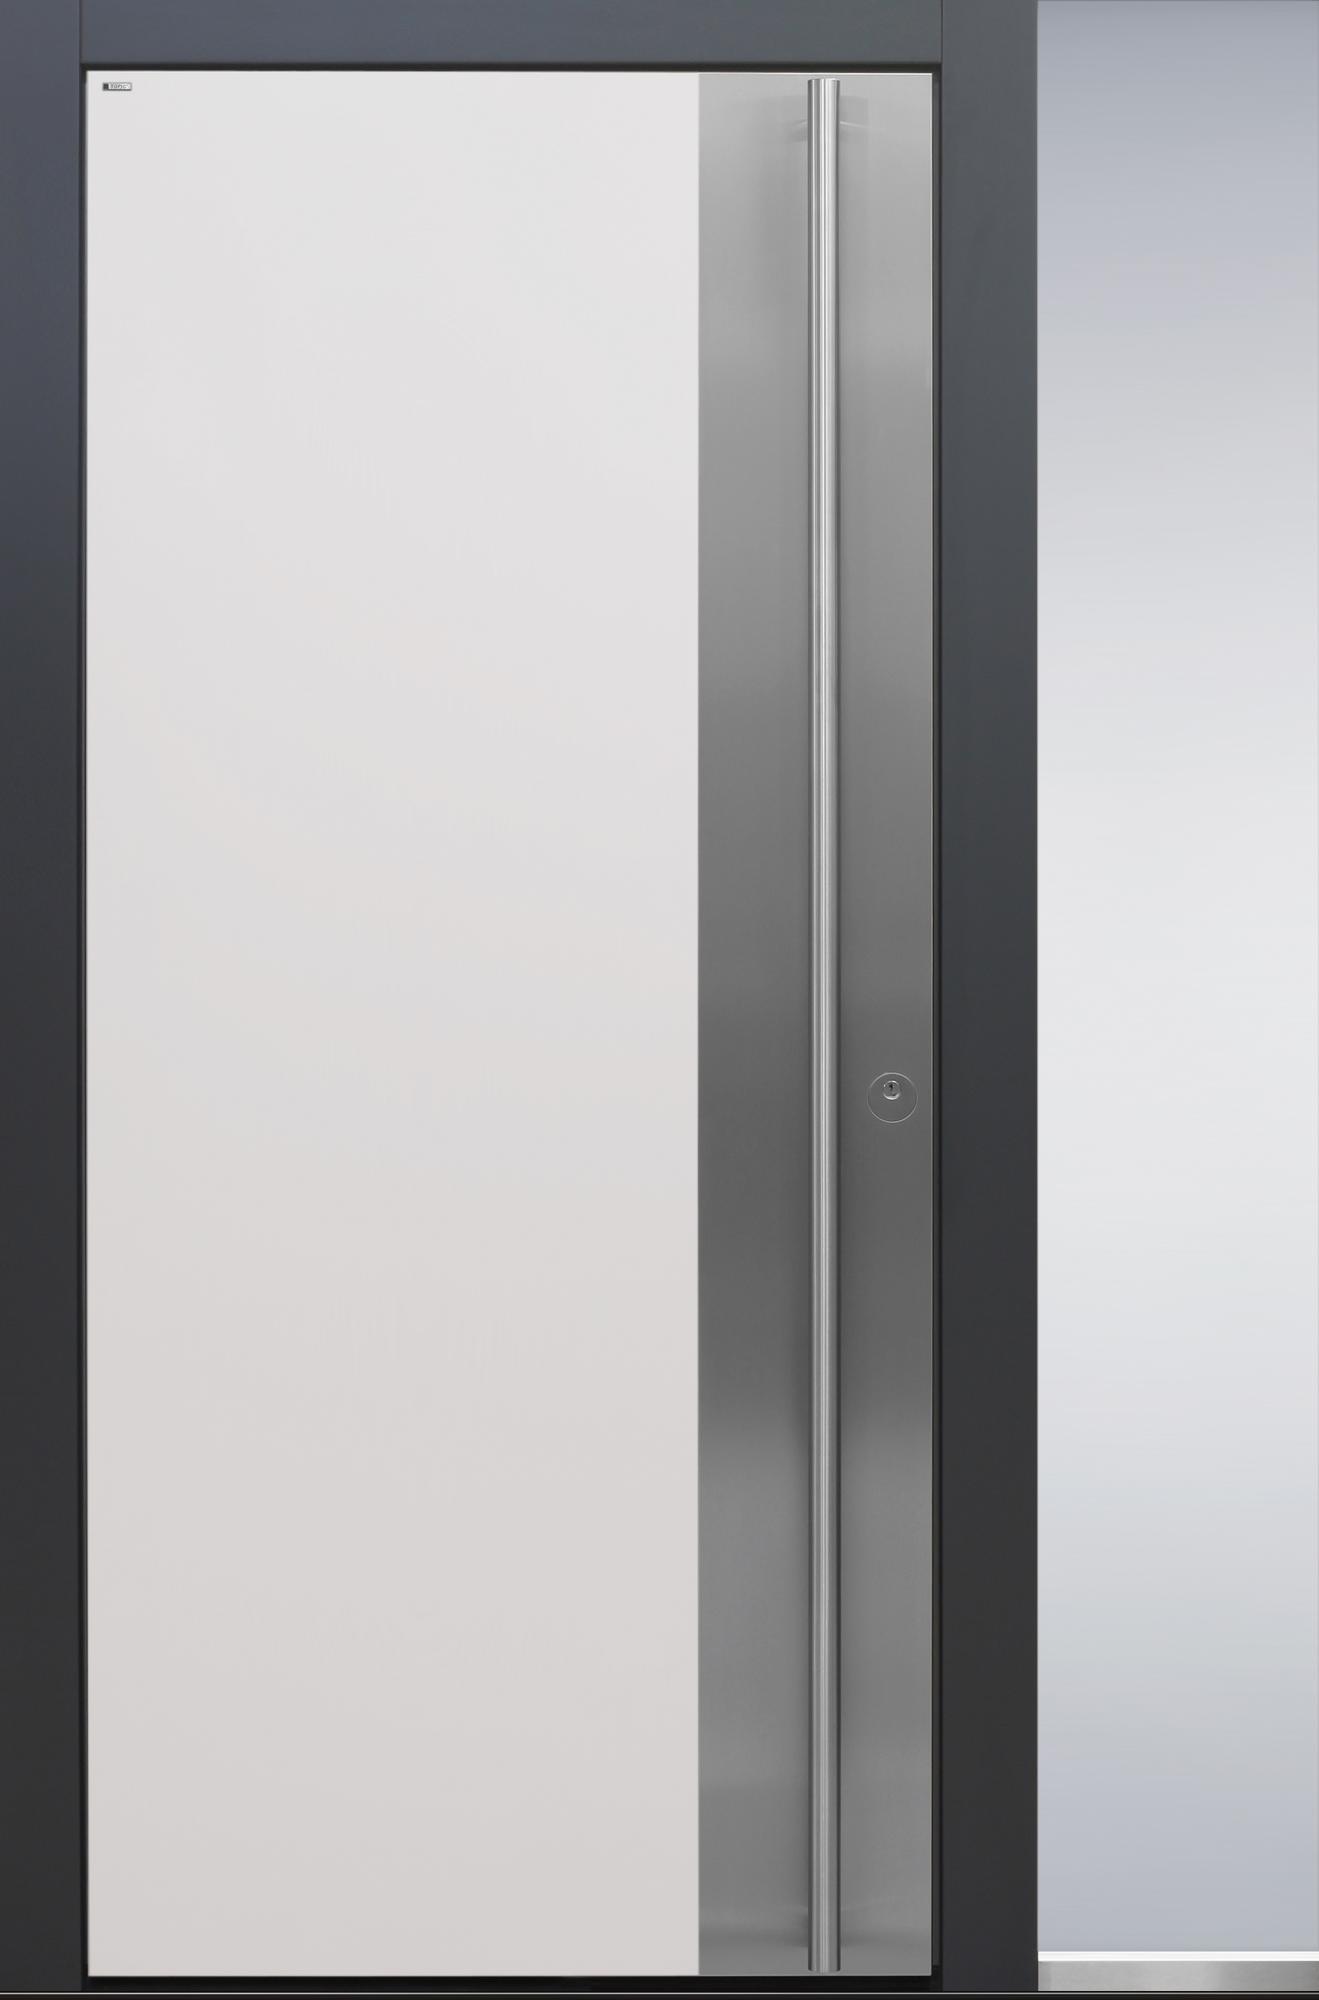 Haustüren modern weiß  TOPIC - Haustüren von Meisterhand TOPIC Haustüren u. Wohnungstüren ...